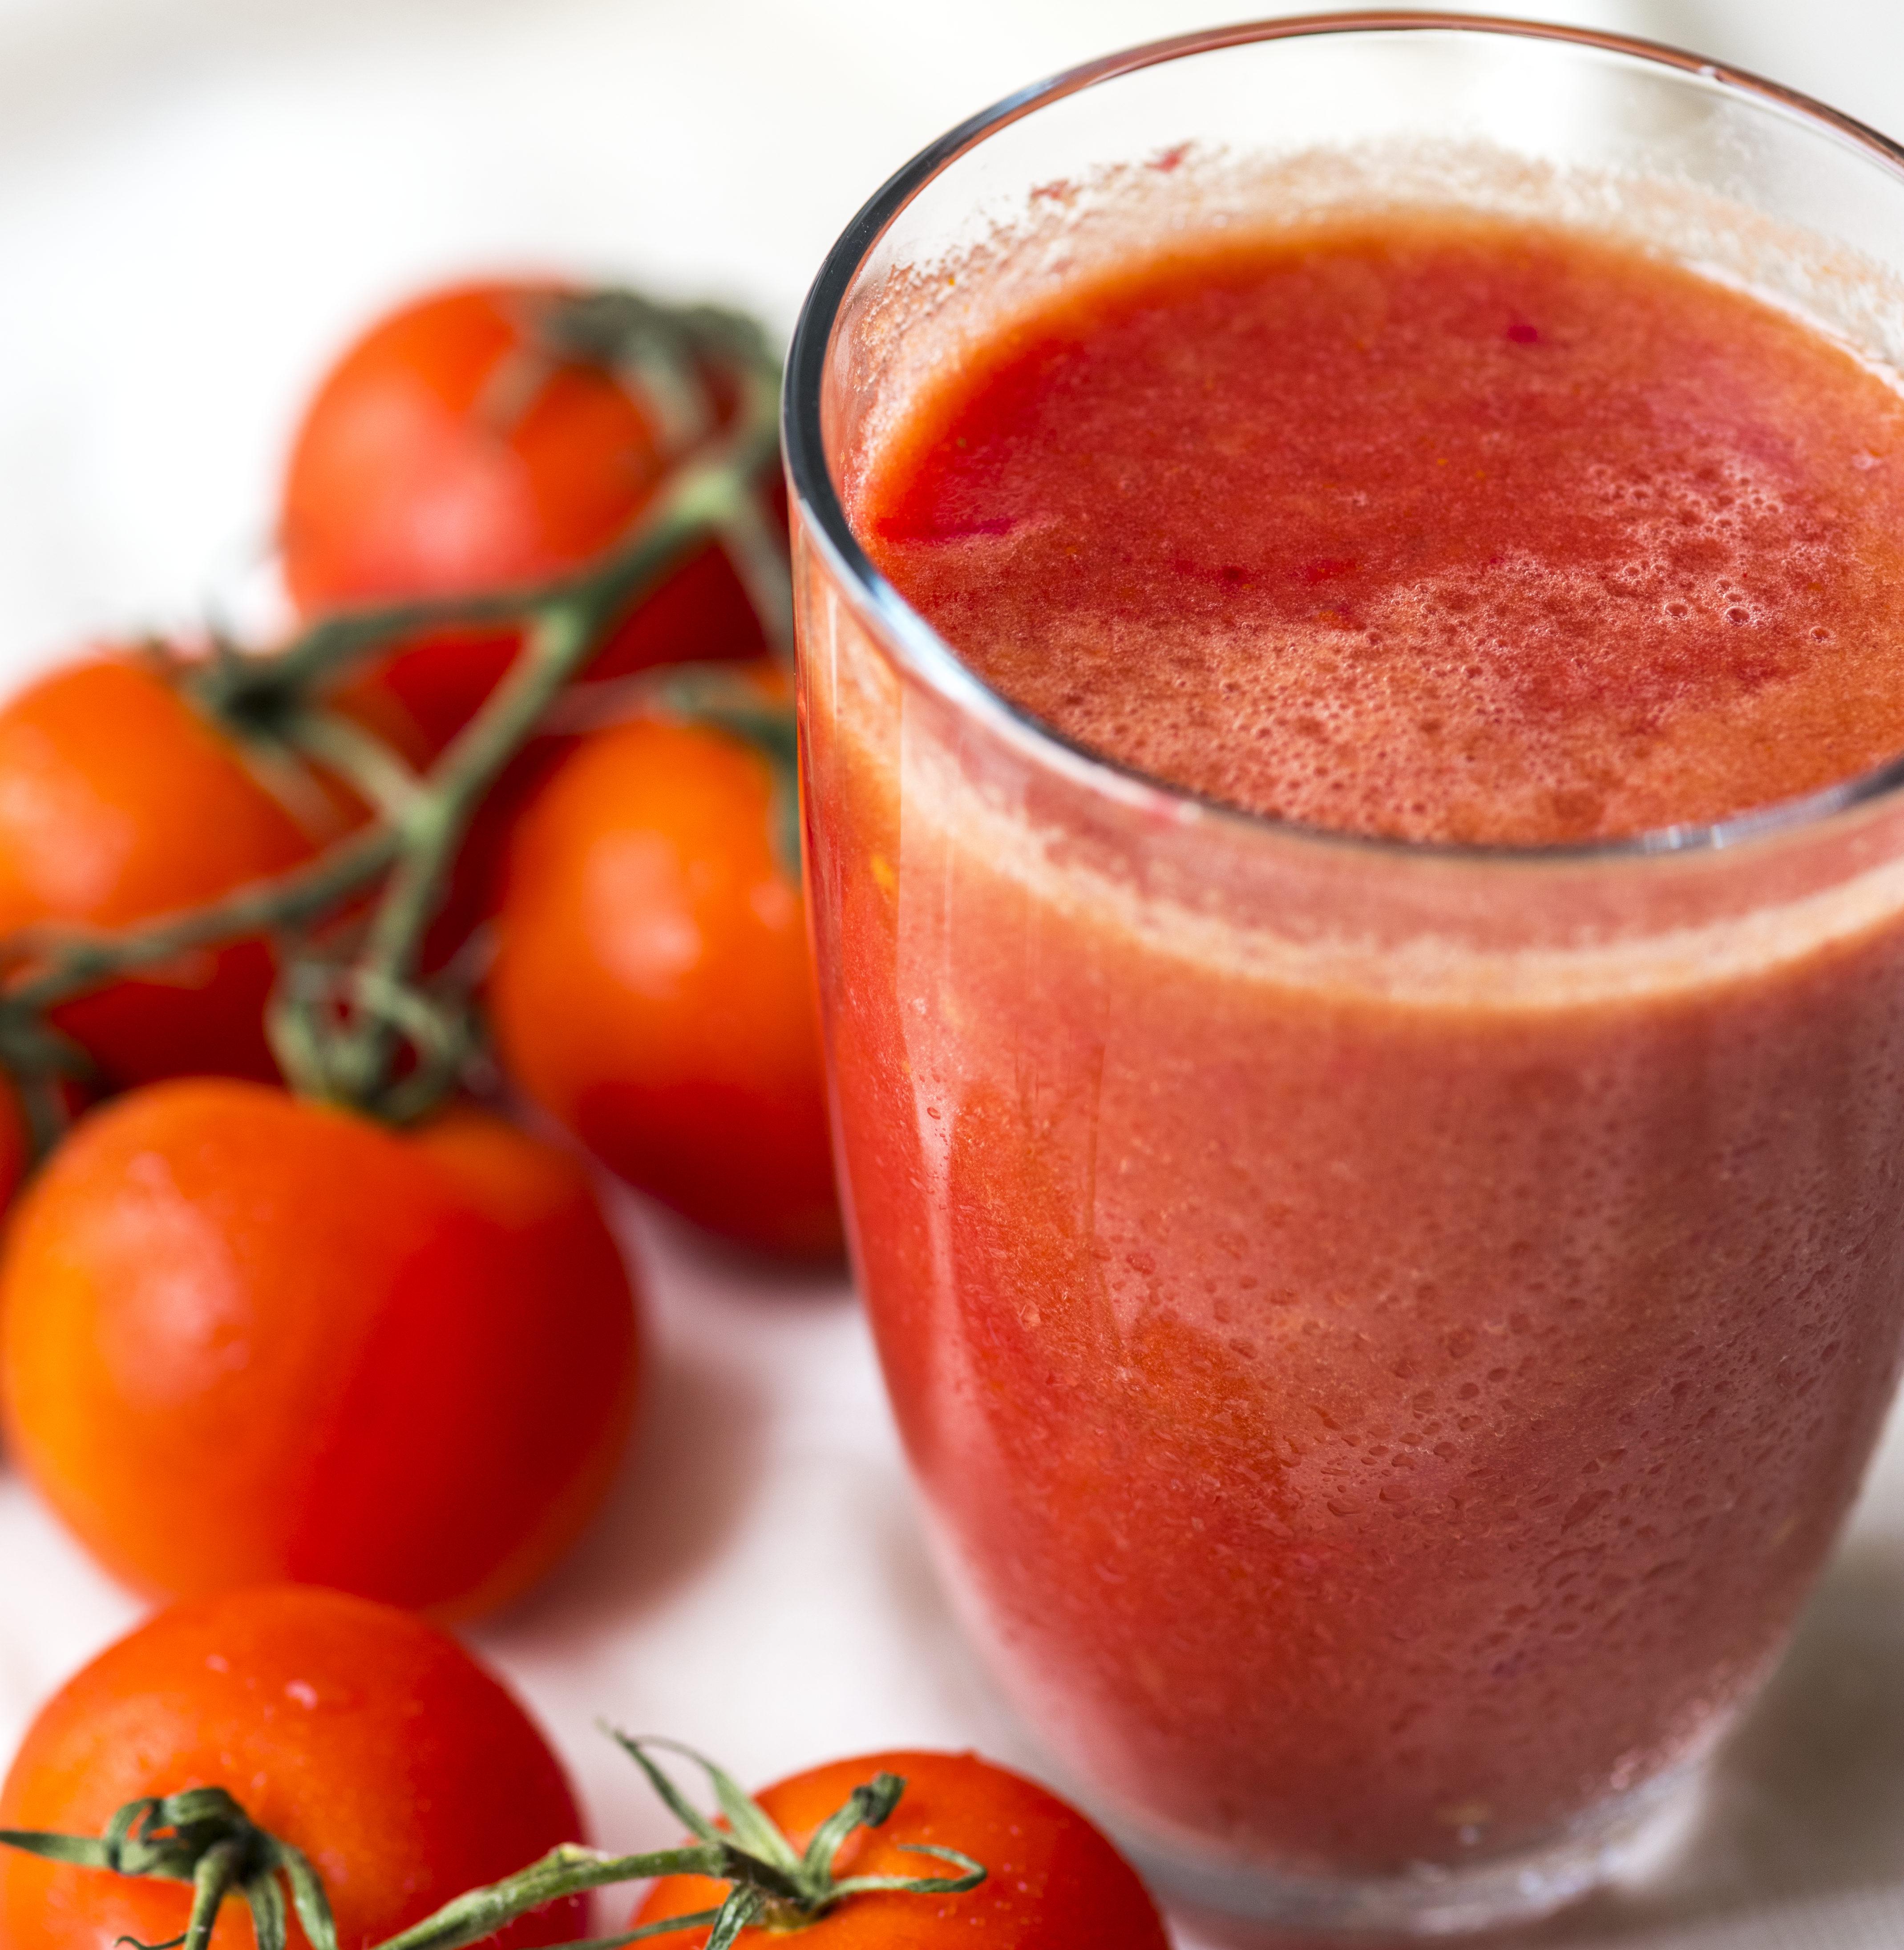 Как приготовить томатный сок из томатной пасты в домашних условиях